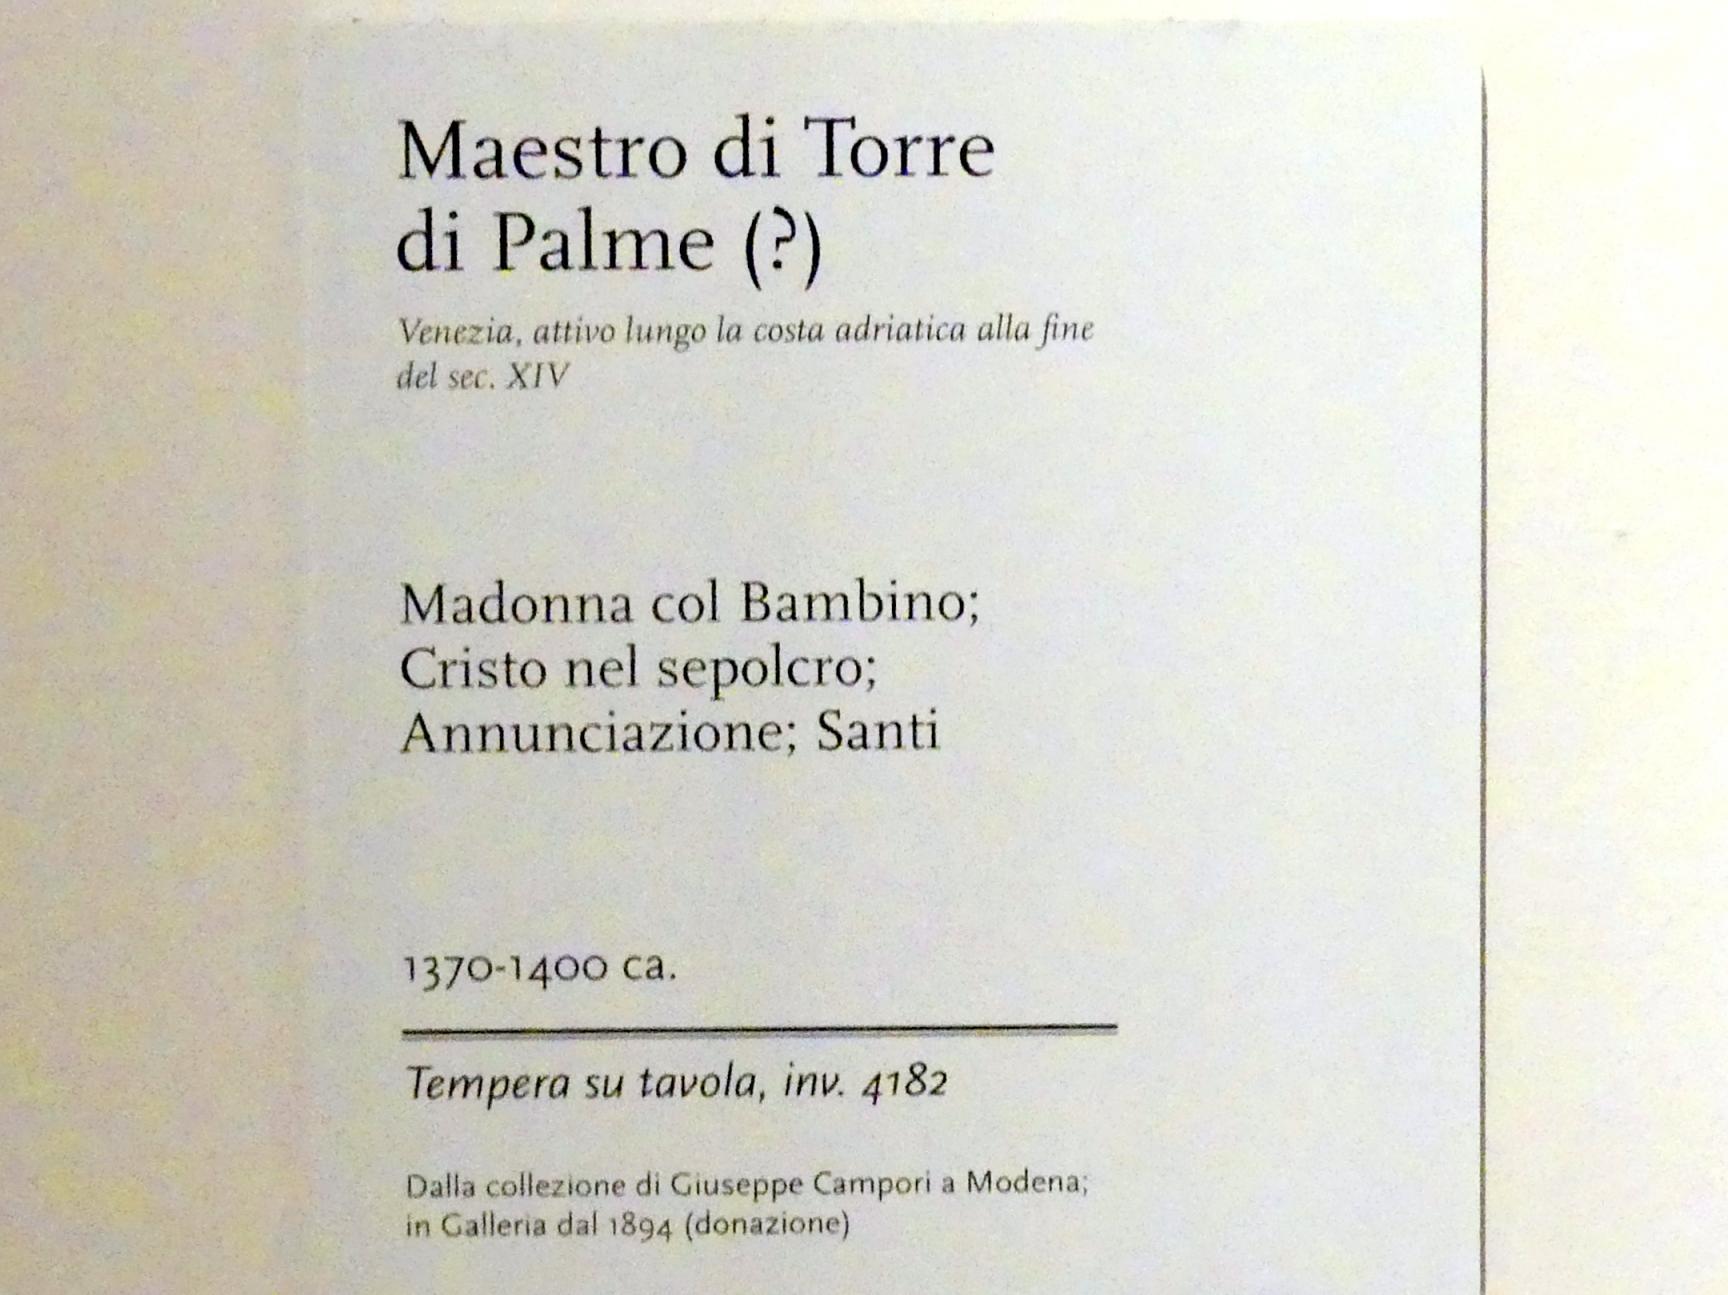 Meister des Torre di Palme: Triptychon Maria mit Kind, Christus im Grab, Verkündigung, Heilige, Letztes Viertel 14. Jhd.